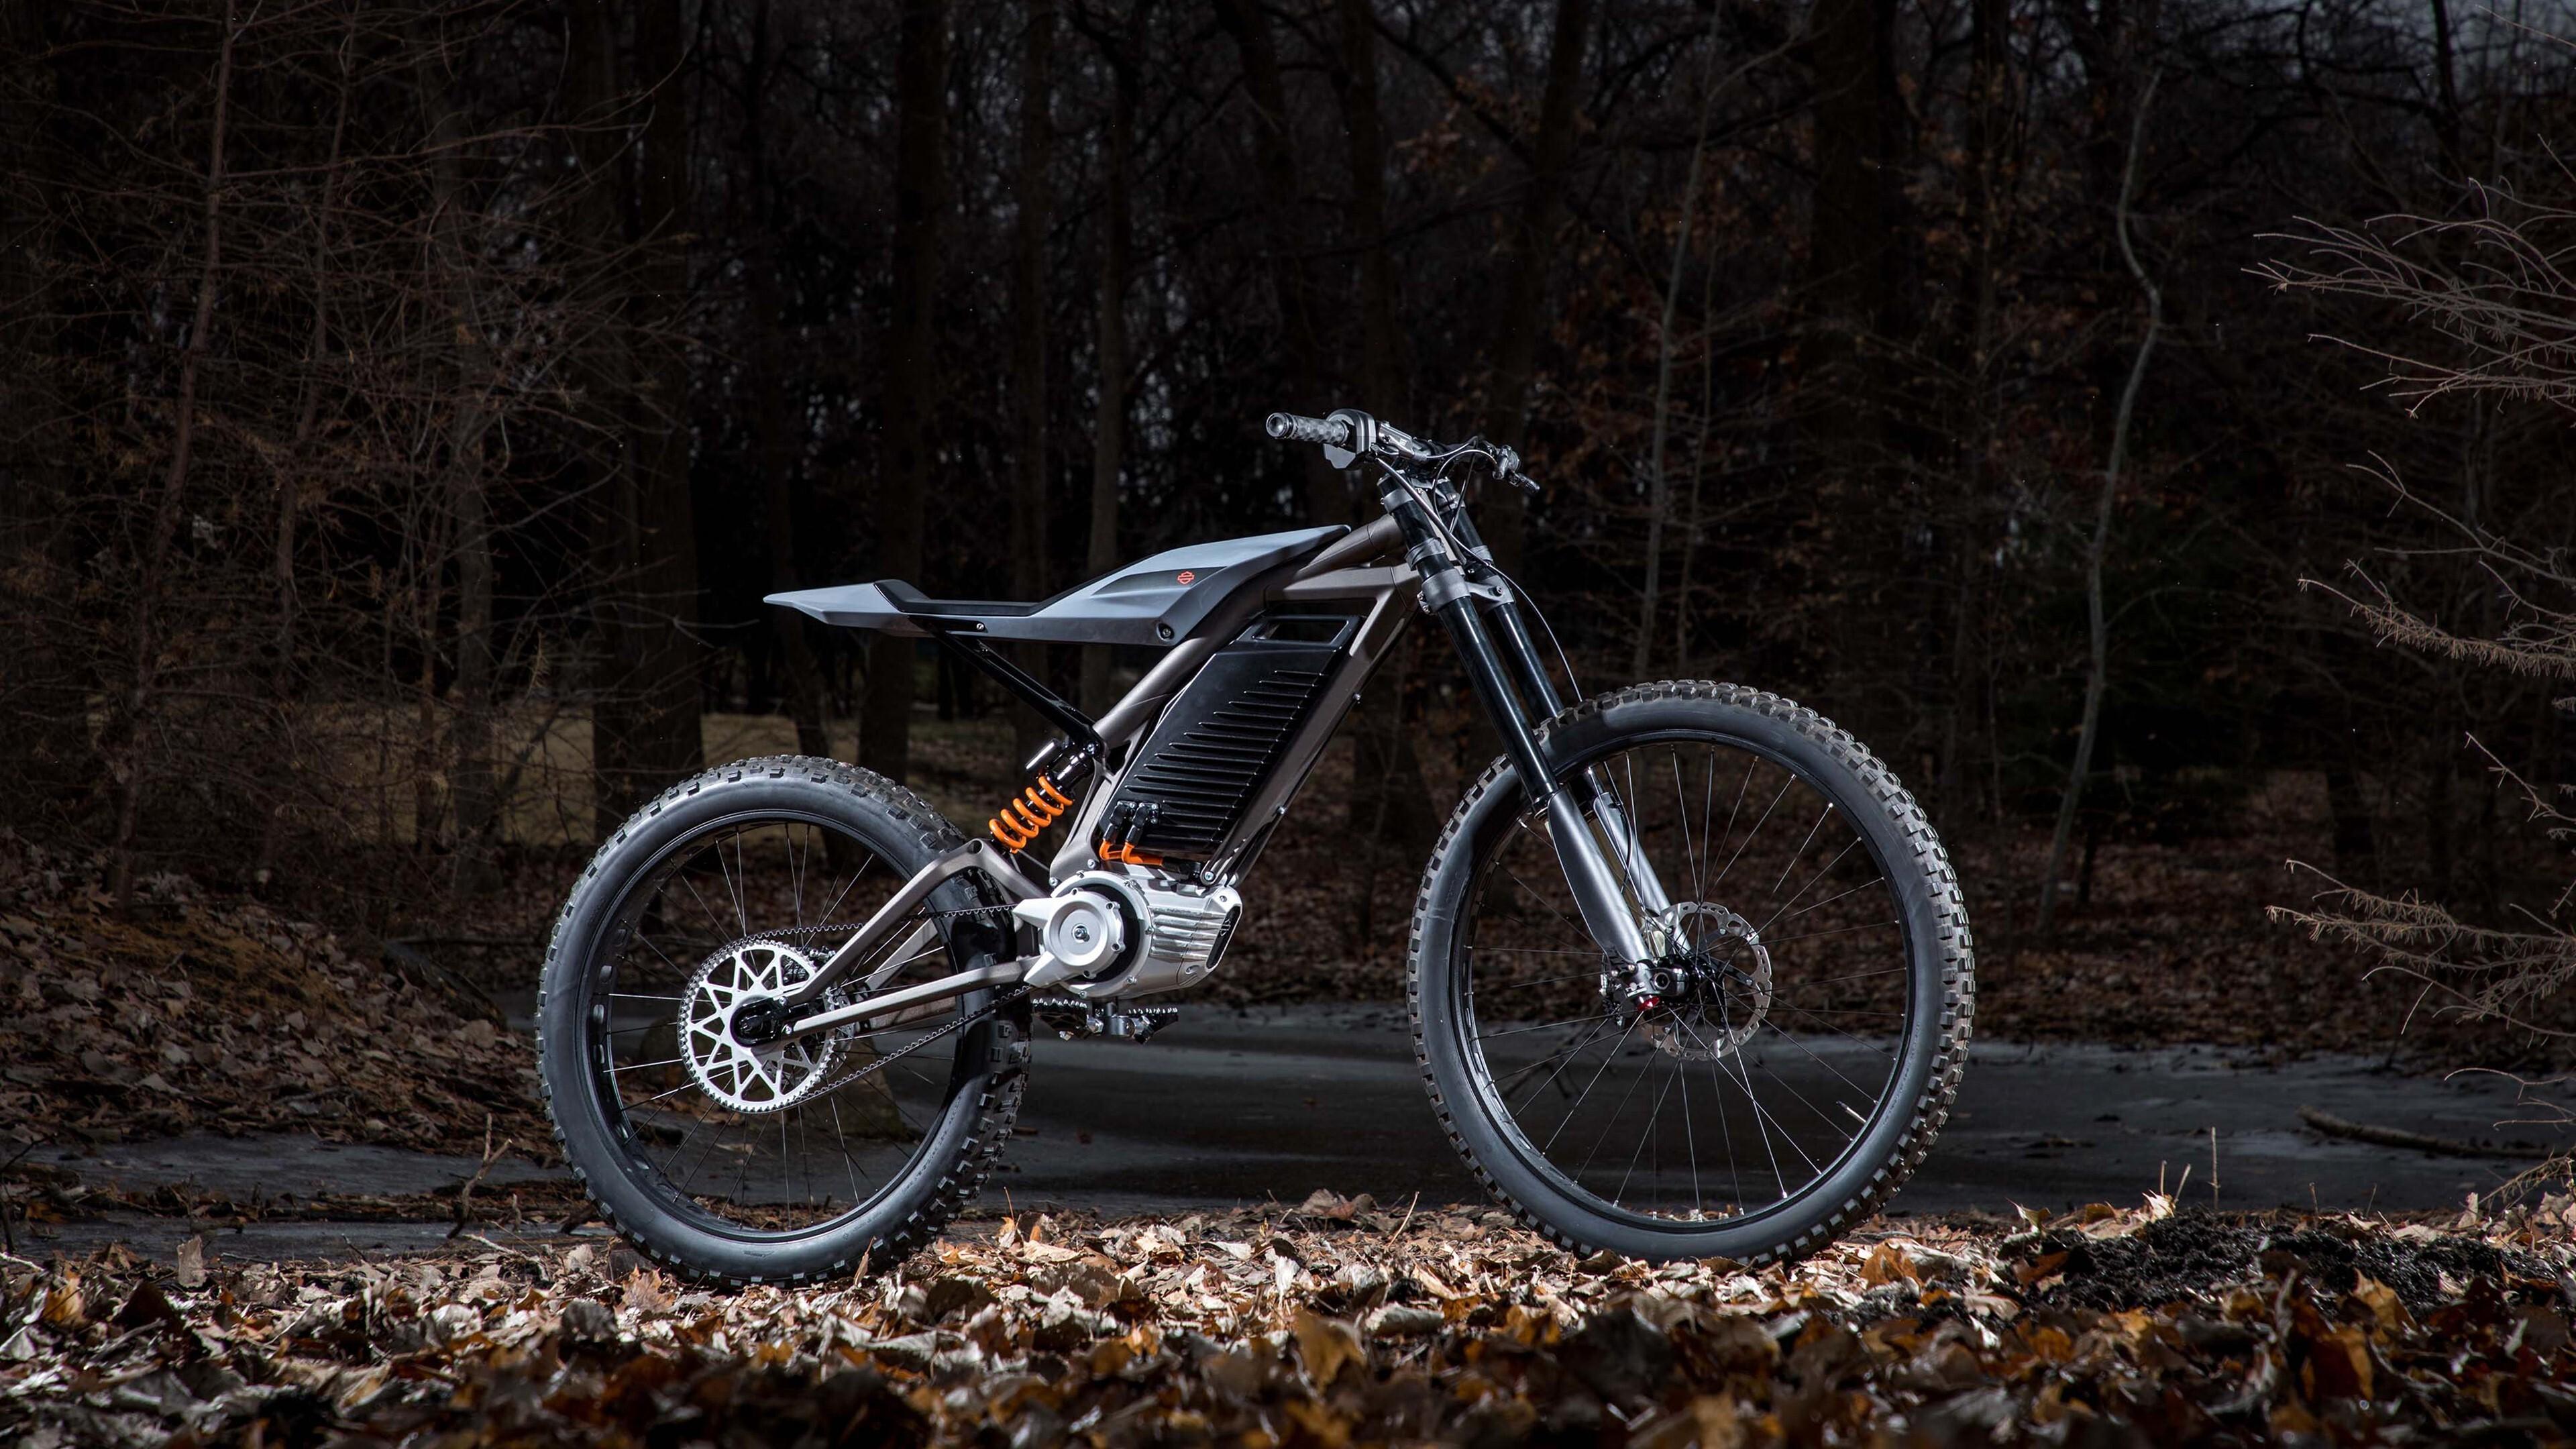 Awaited 2020 Harley Davidson Electric 4K Bike